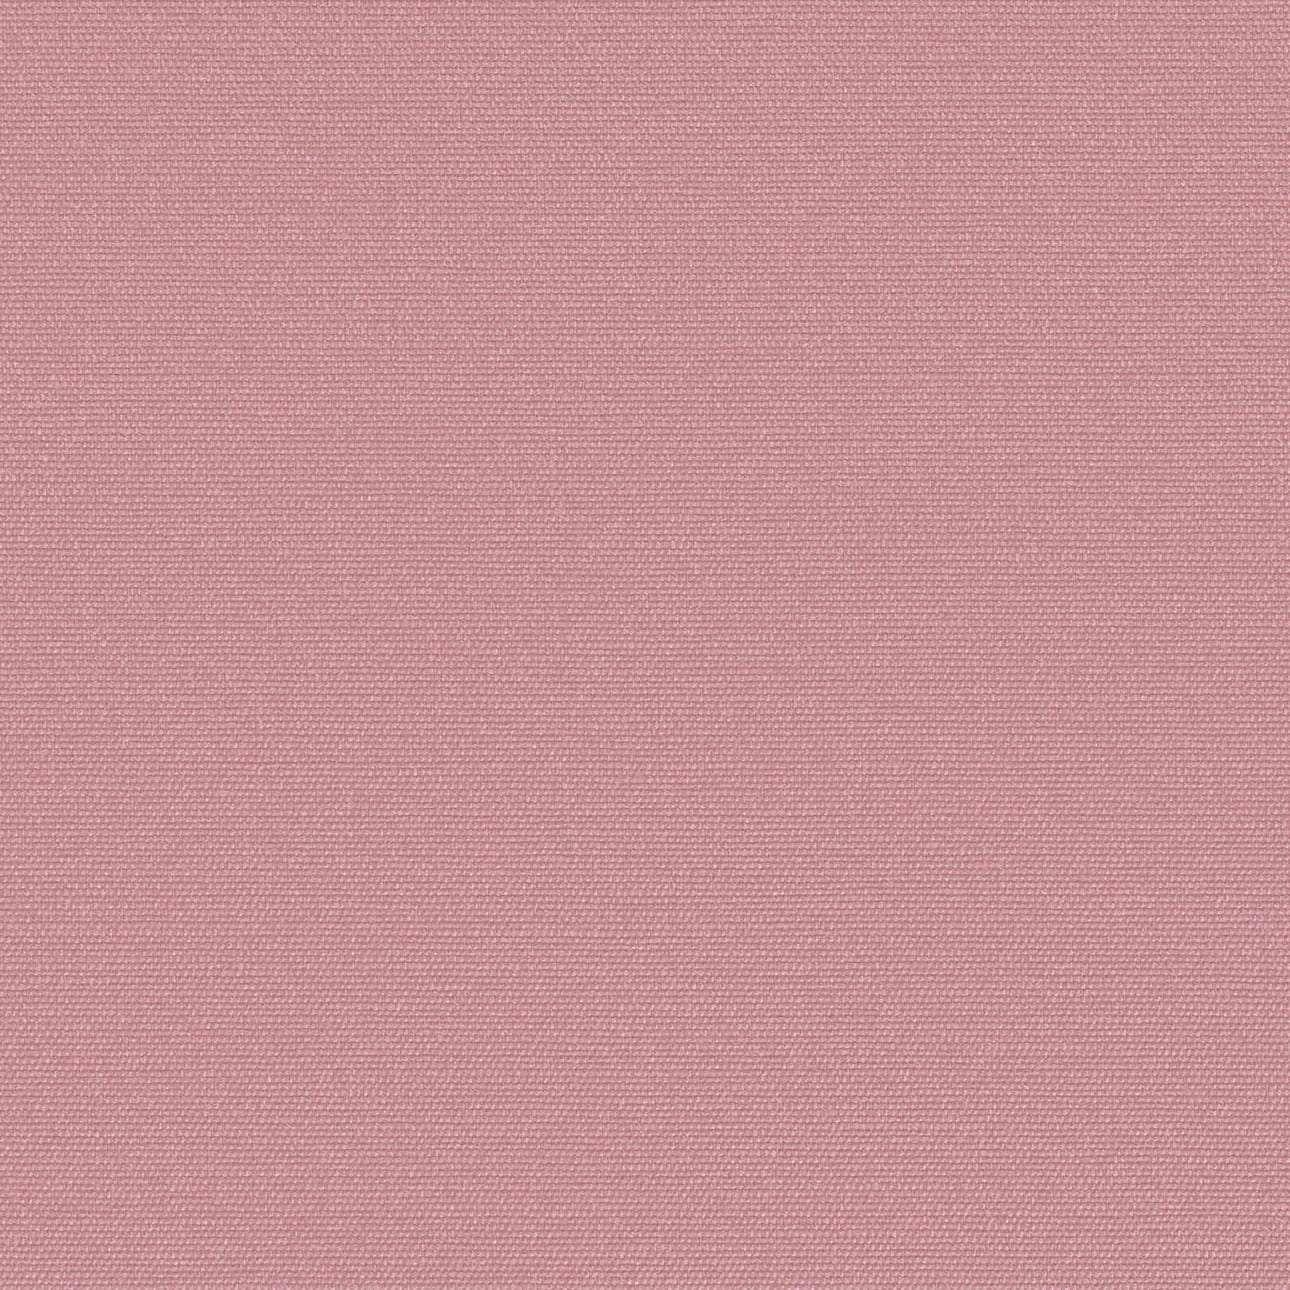 Karin - jednoduchá obliečka V kolekcii Loneta, tkanina: 133-62